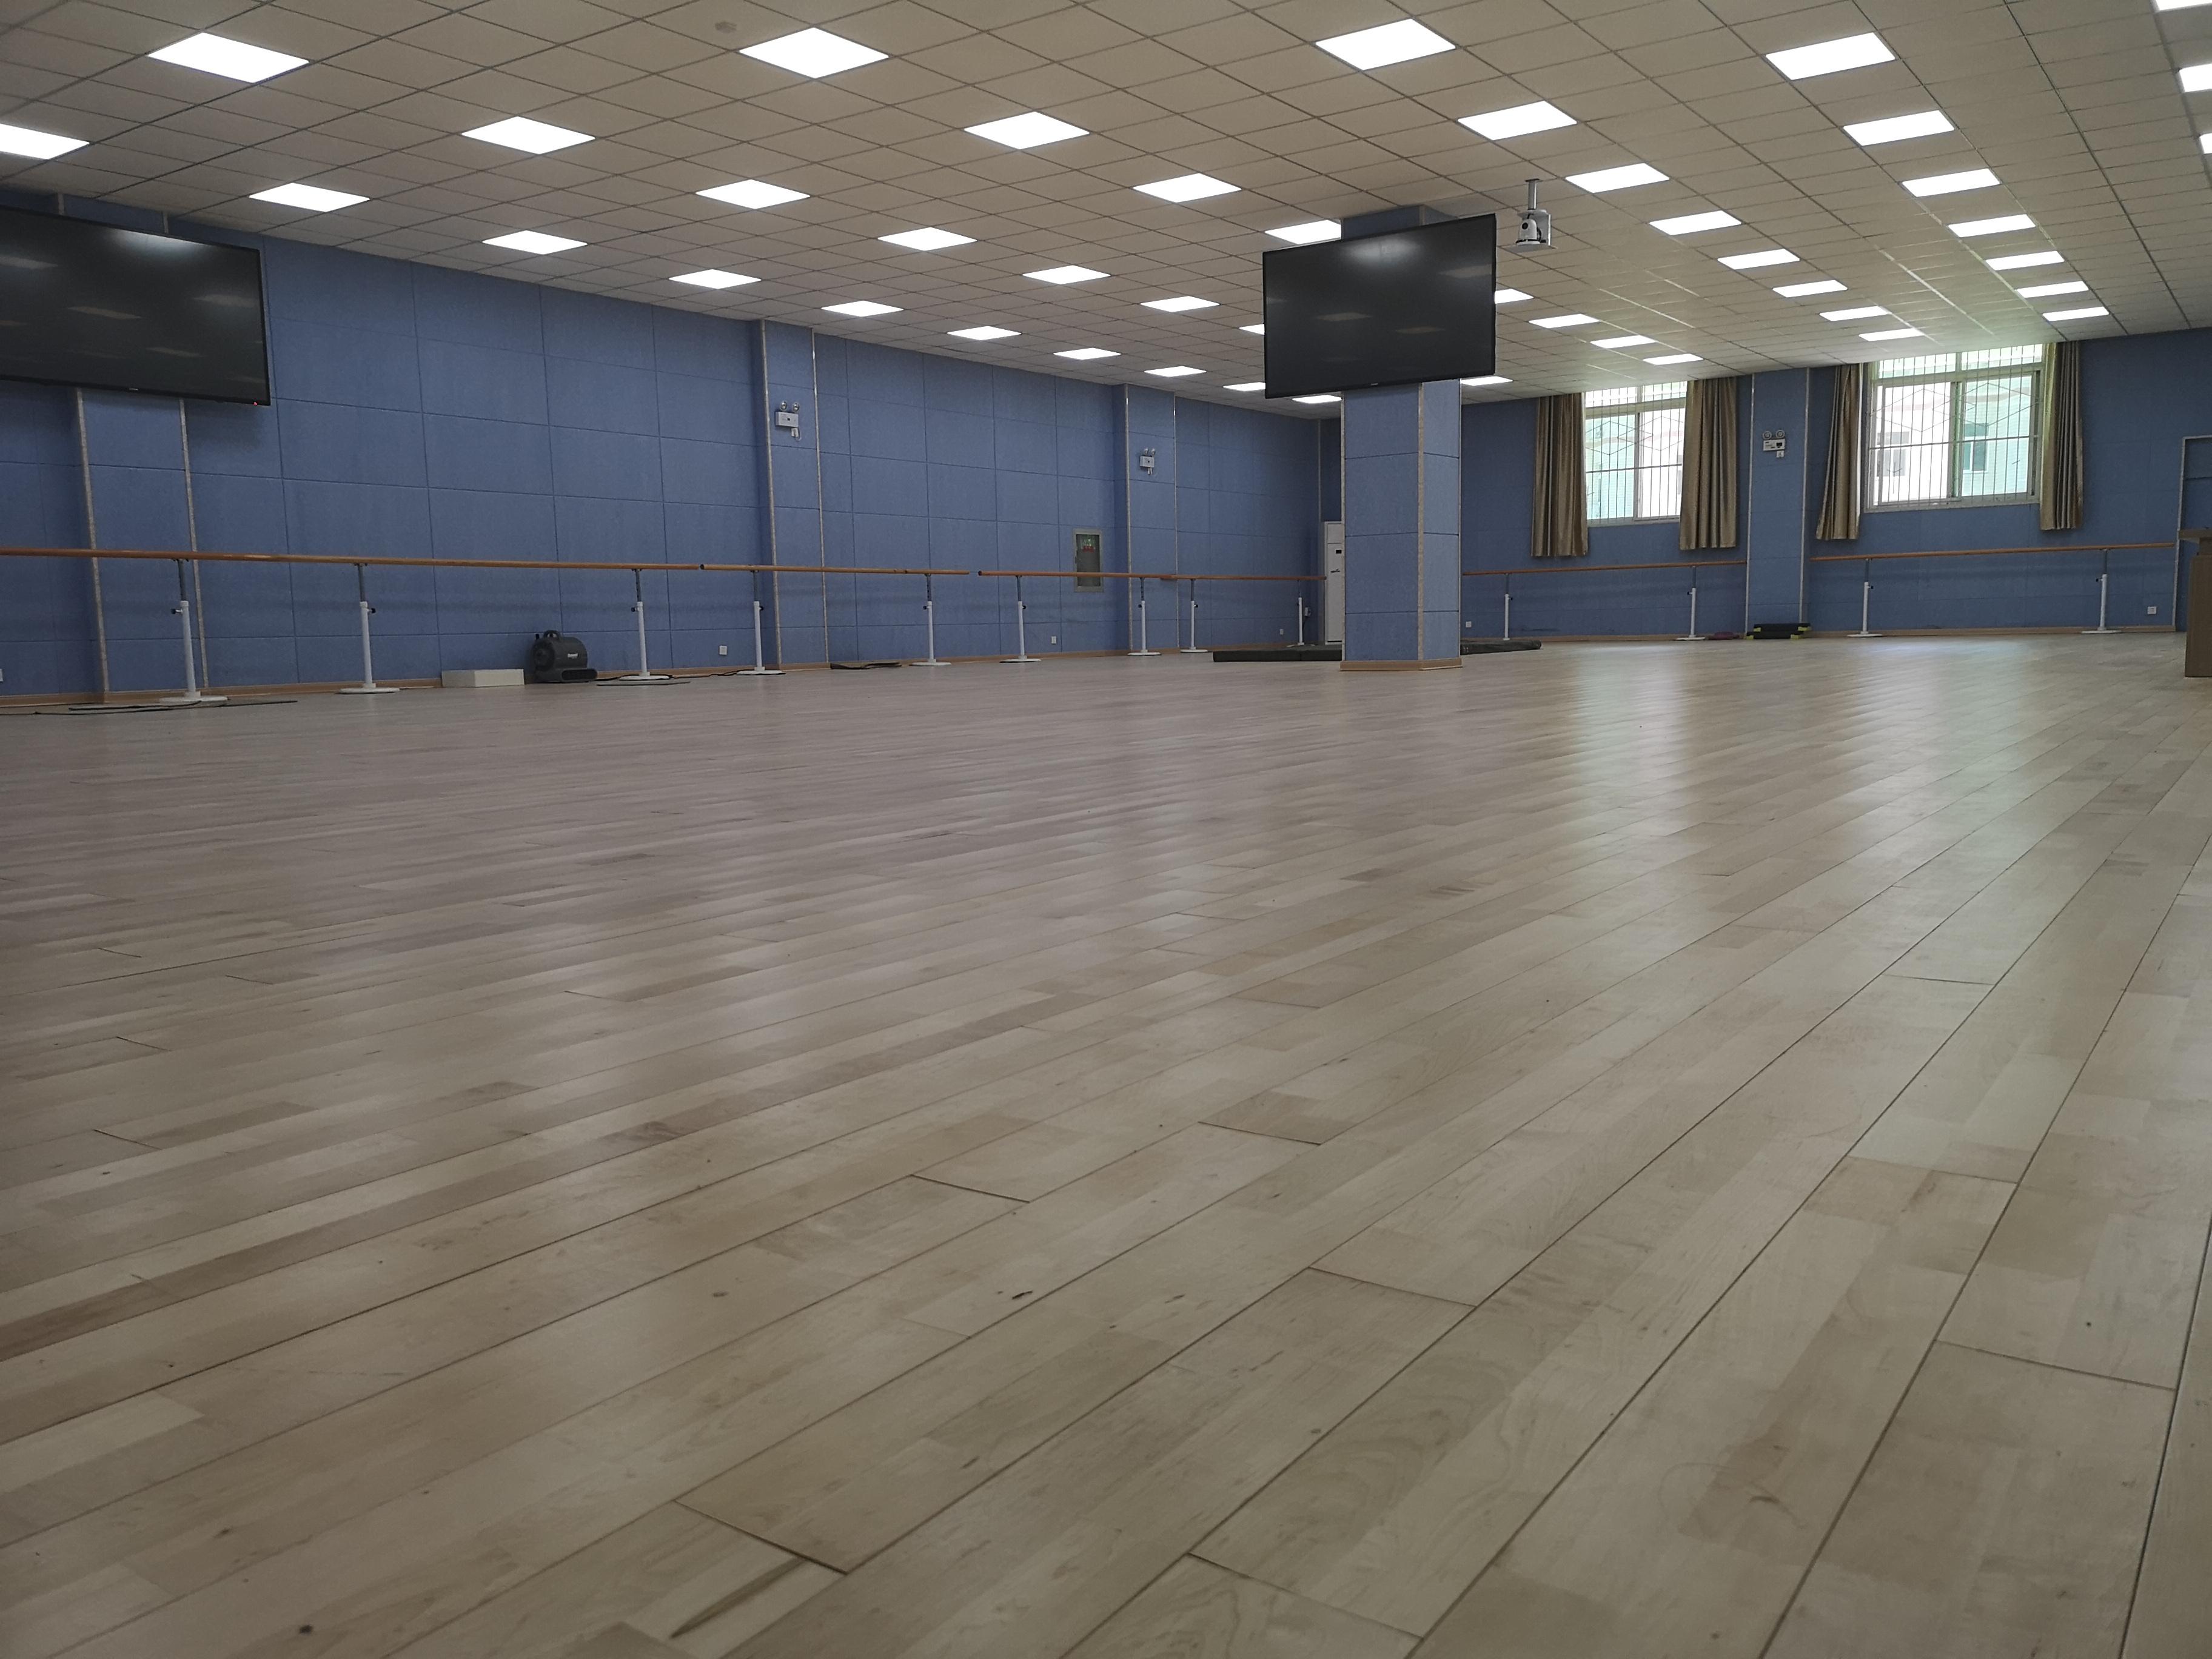 内蒙古民族艺术学院舞蹈室龙8国际授权网站整体铺设(图1)